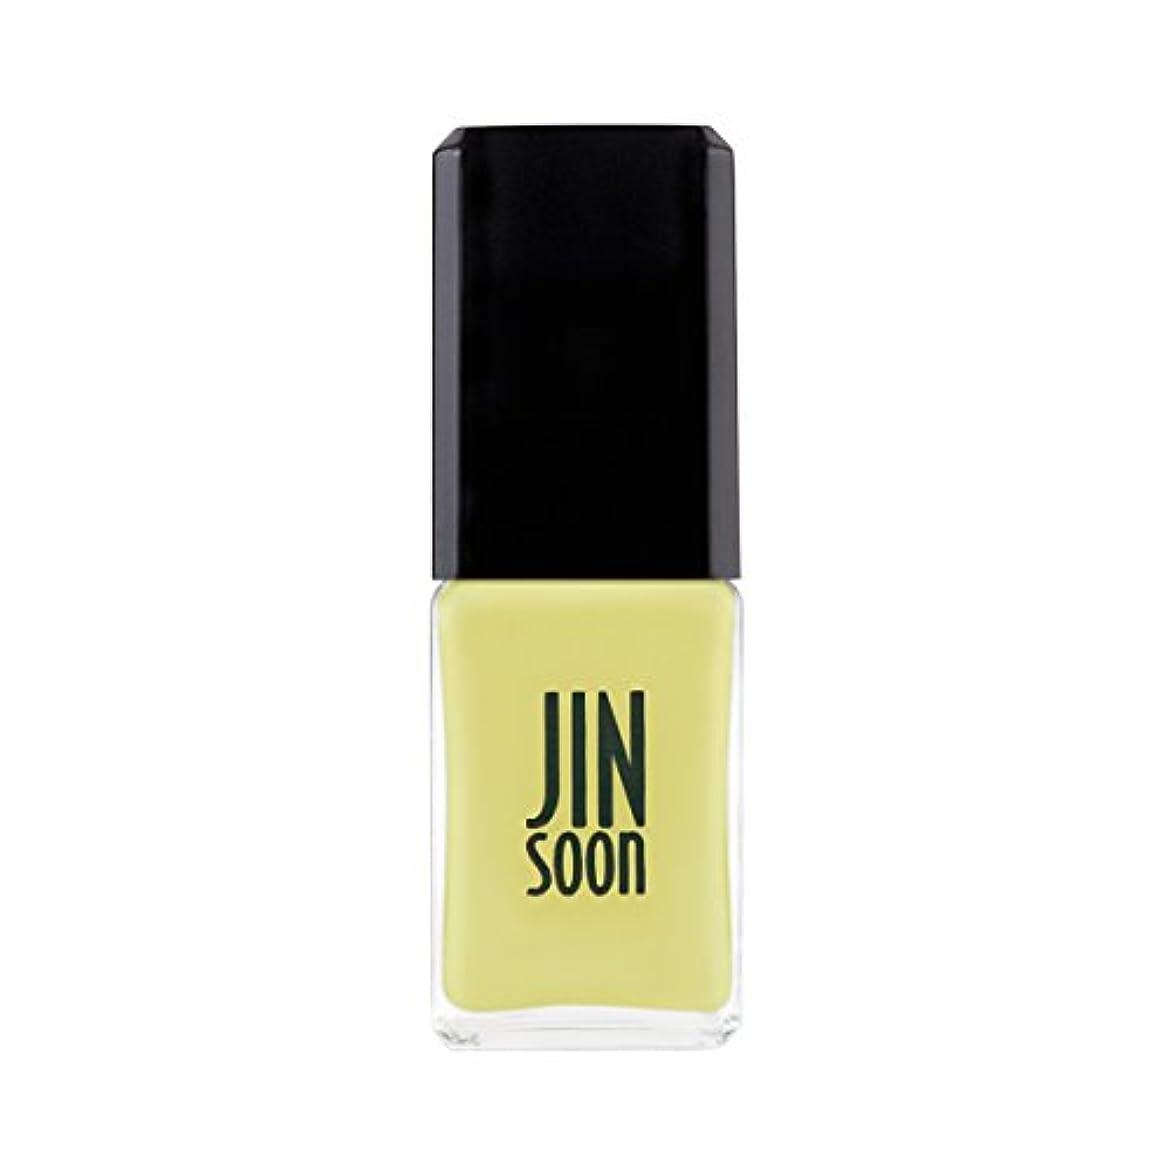 悪い女性逃げる[ジンスーン] [ jinsoon] シャルム Charme ジンスーンネイルポリッシュ 爪に優しい成分 11mL